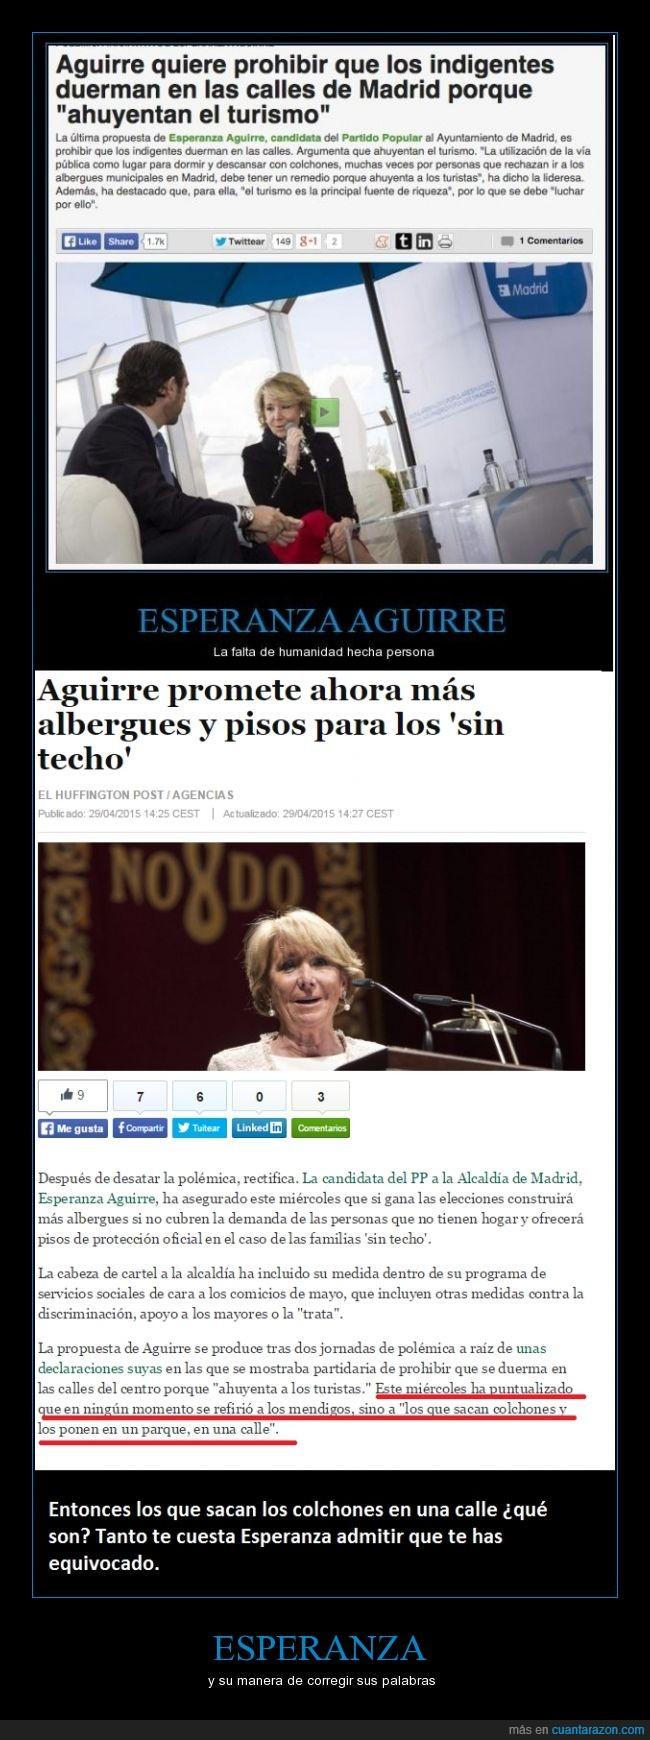 albergues,colchón,Esperanza Aguirre,madrid,PP,Sin techo